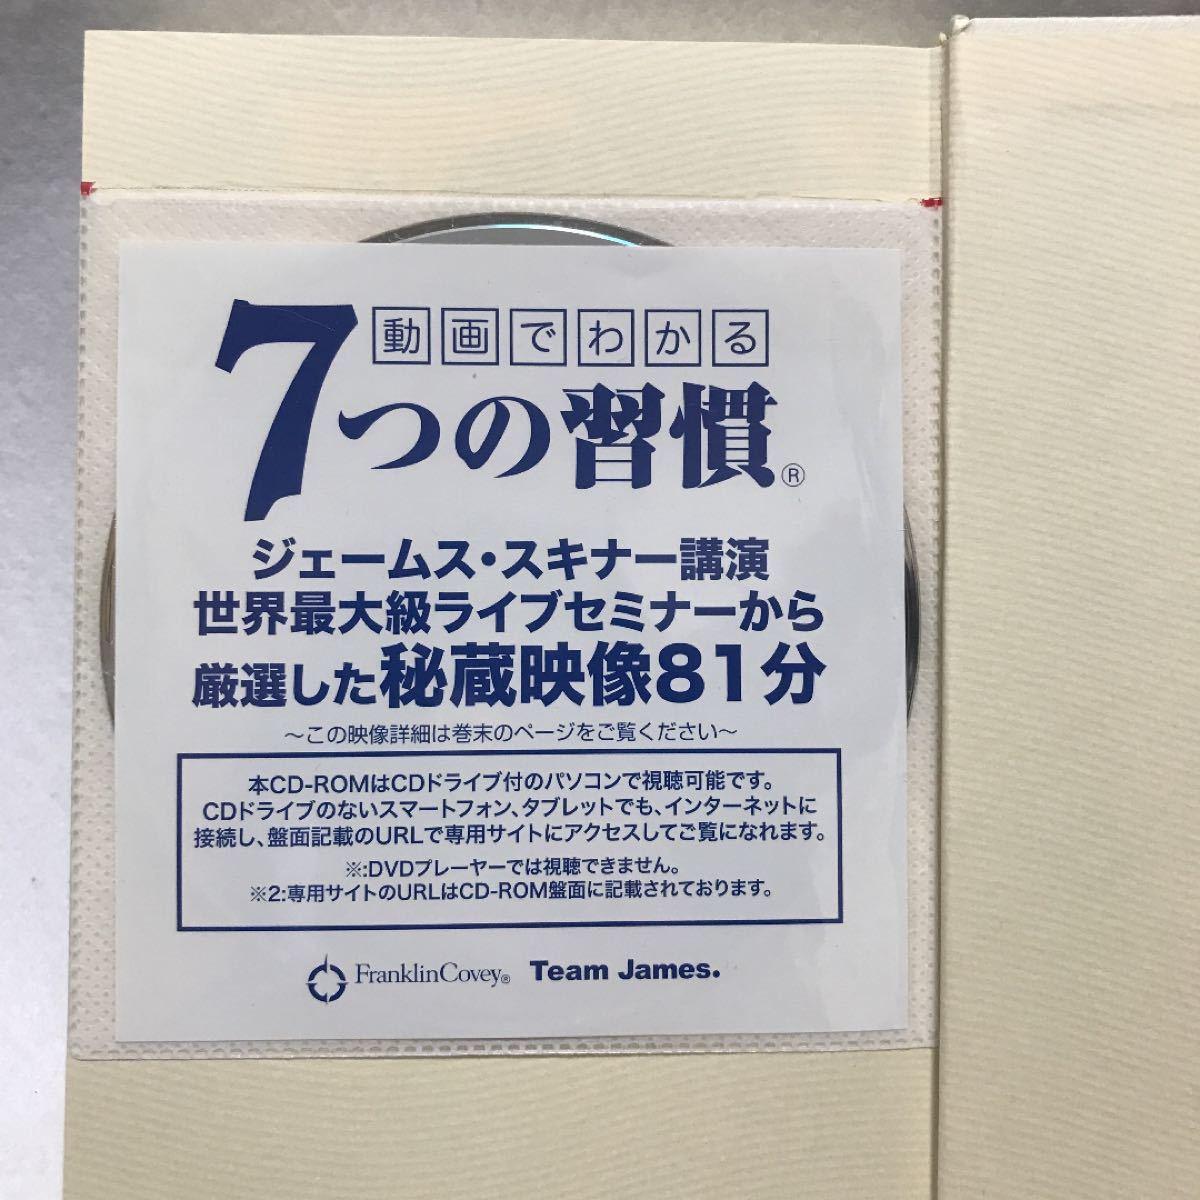 7つの習慣 成功には原則があった  動画 CD ROM 付属 スティーブン・R・コヴィー スティーブン コヴィー